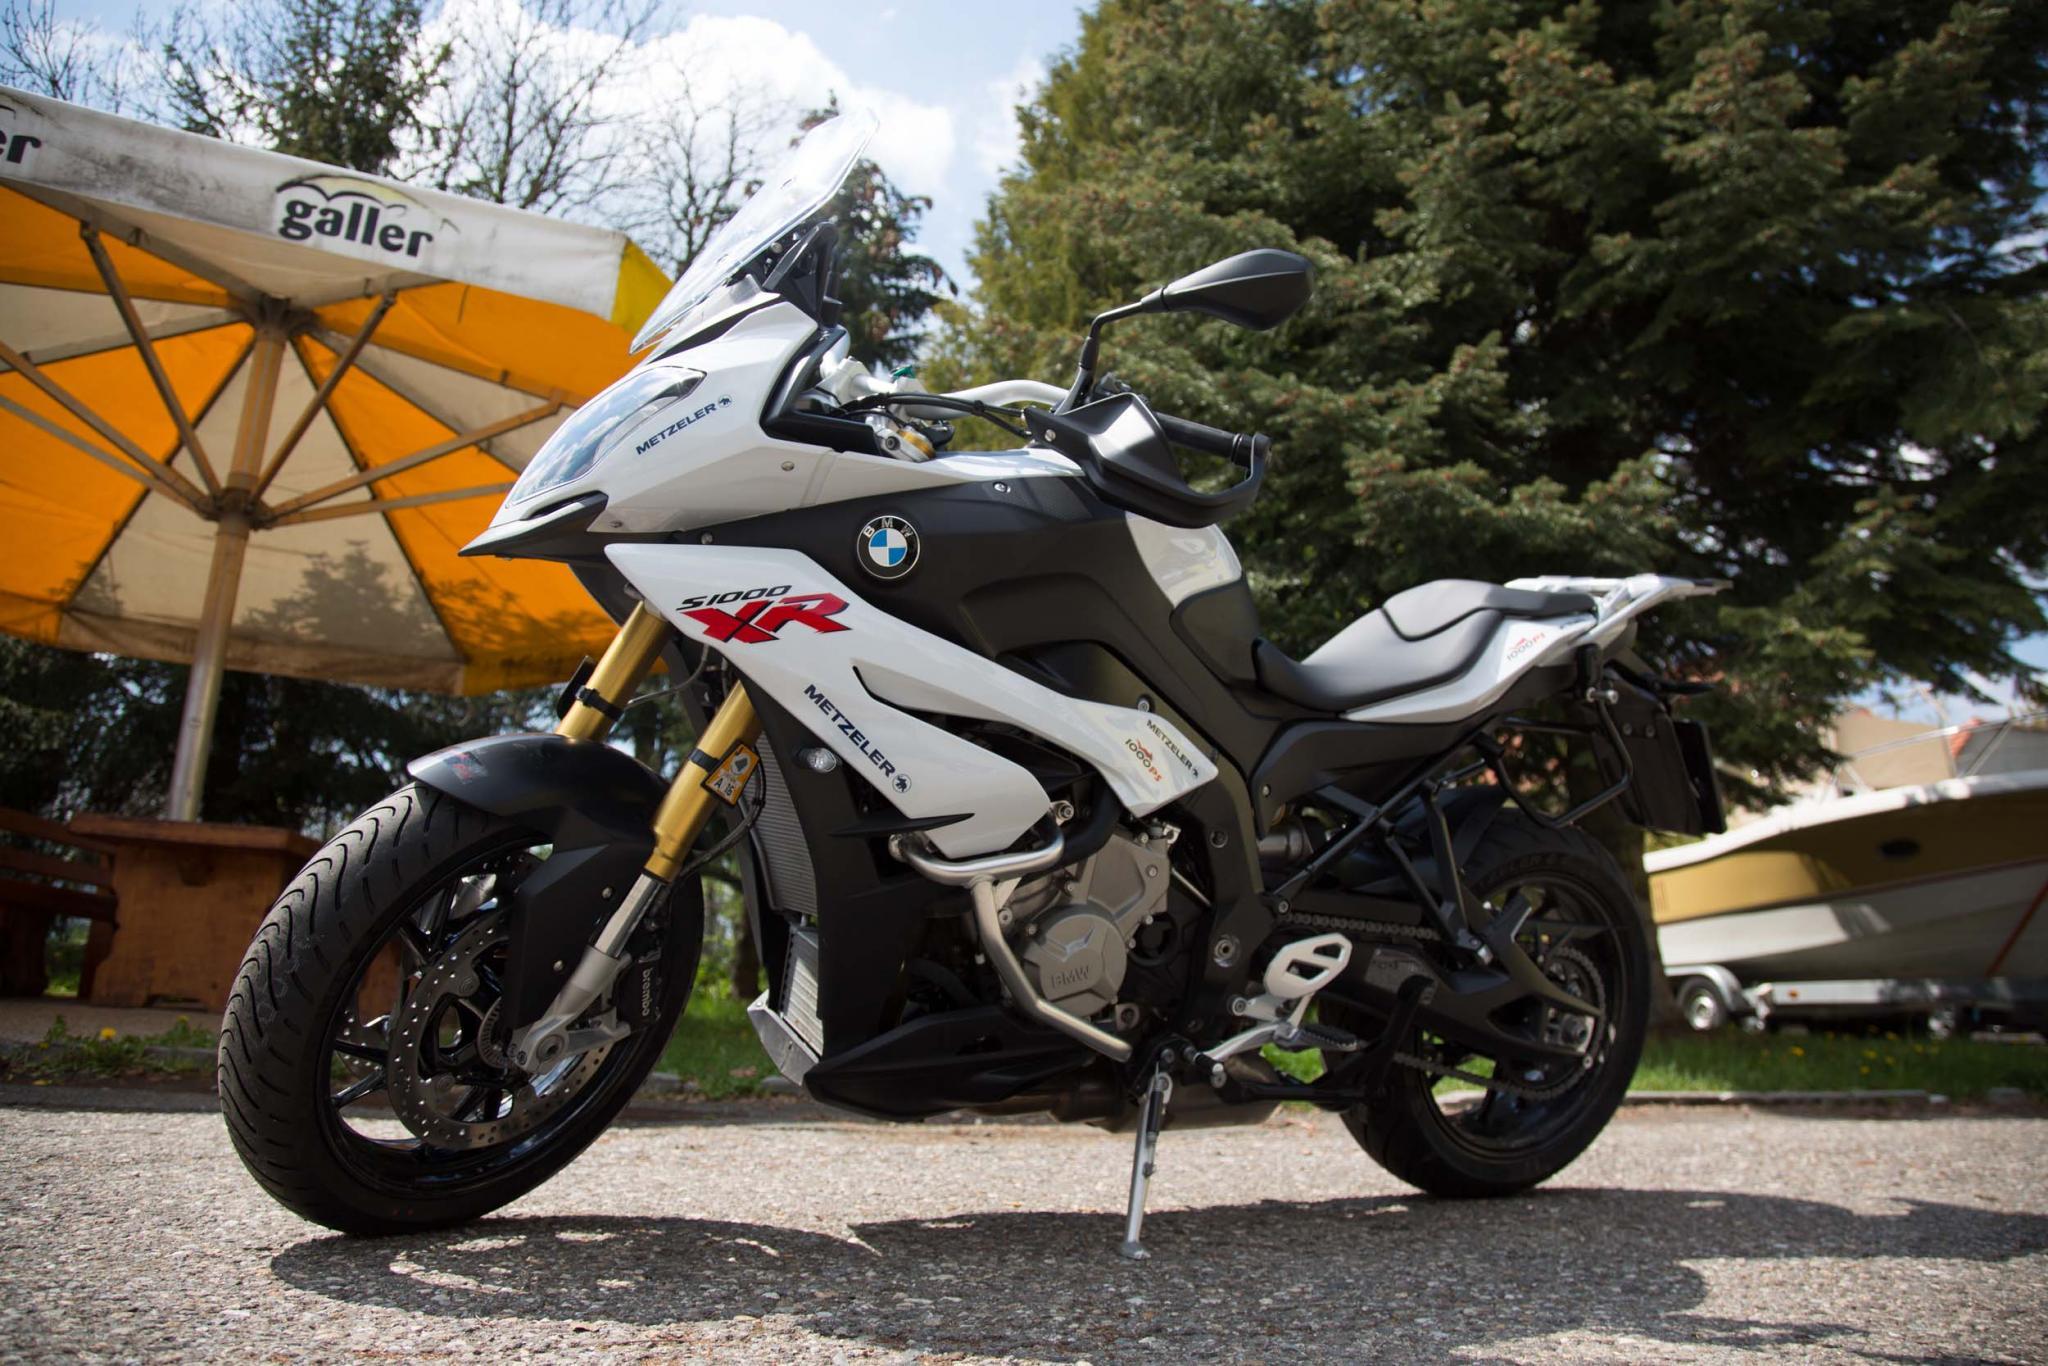 motorrad quartett bmw s1000 xr motorrad fotos motorrad. Black Bedroom Furniture Sets. Home Design Ideas